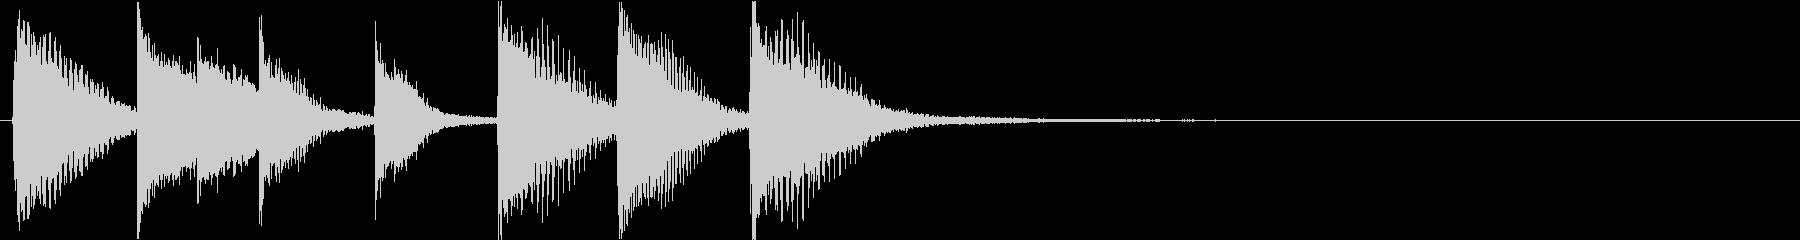 ピアノジングル 幼児向けアニメ系J-01の未再生の波形